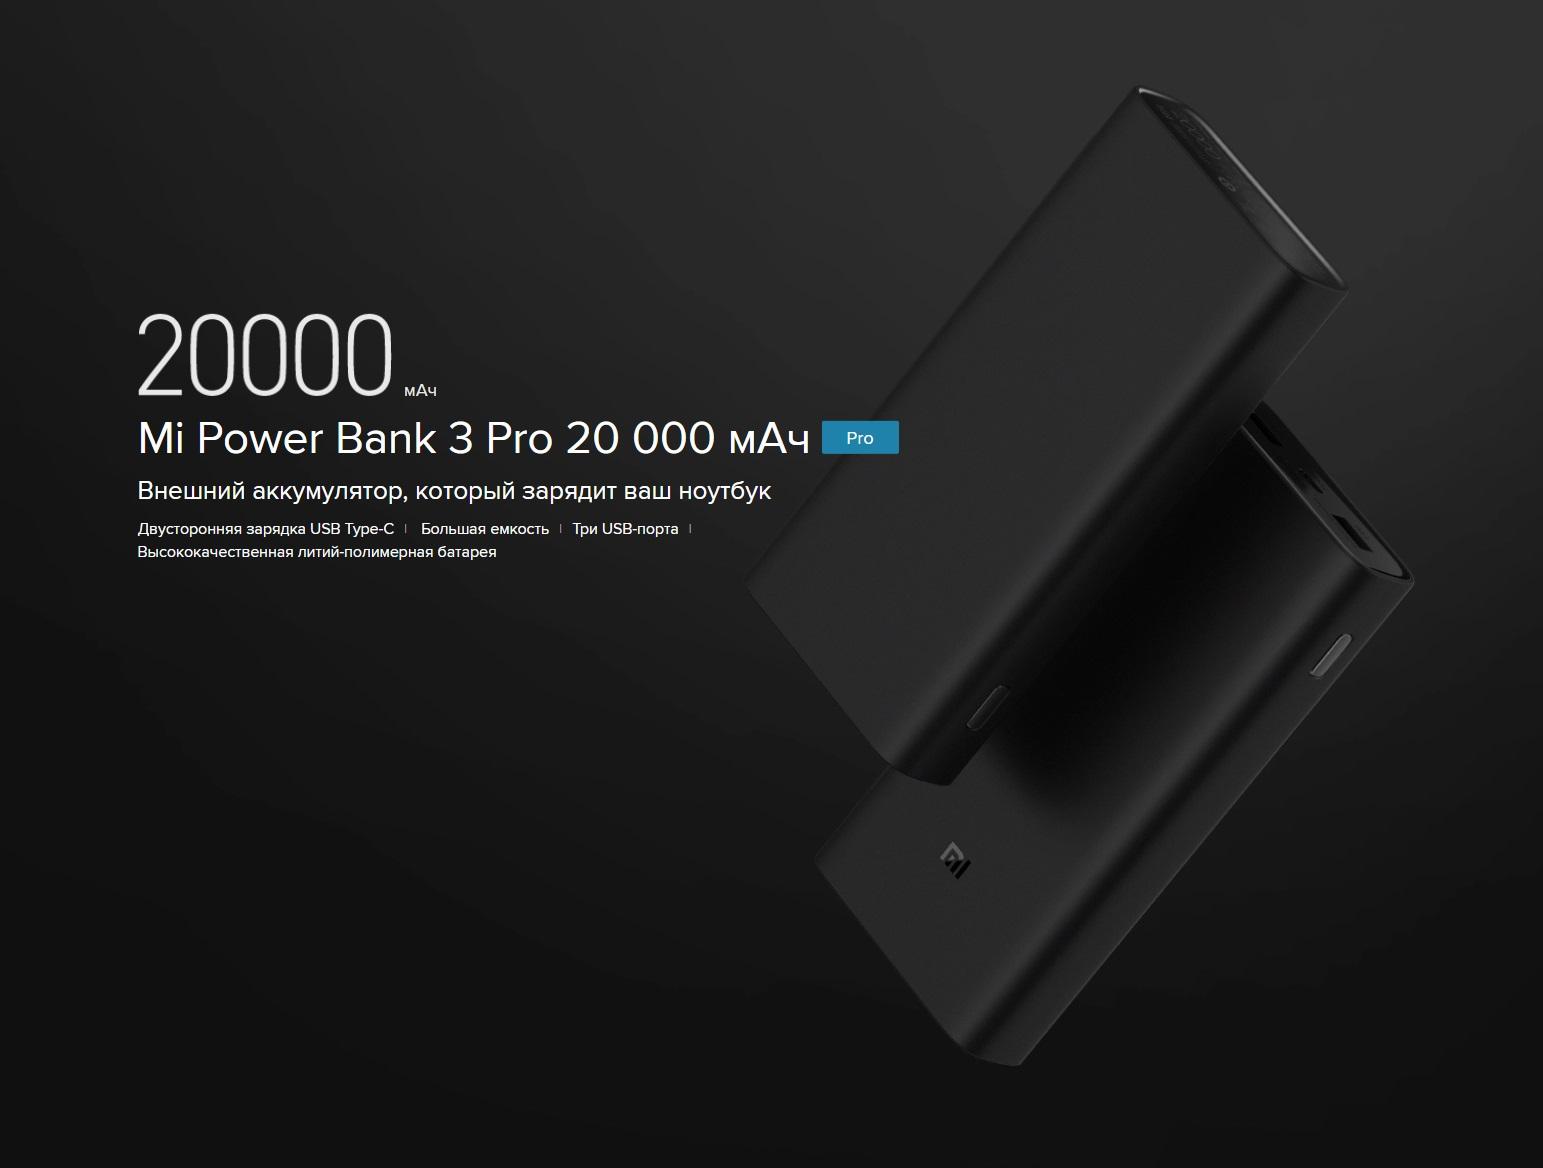 Купить внешний аккумулятор Xiaomi Mi Power Bank 3 Pro 20000 мАч